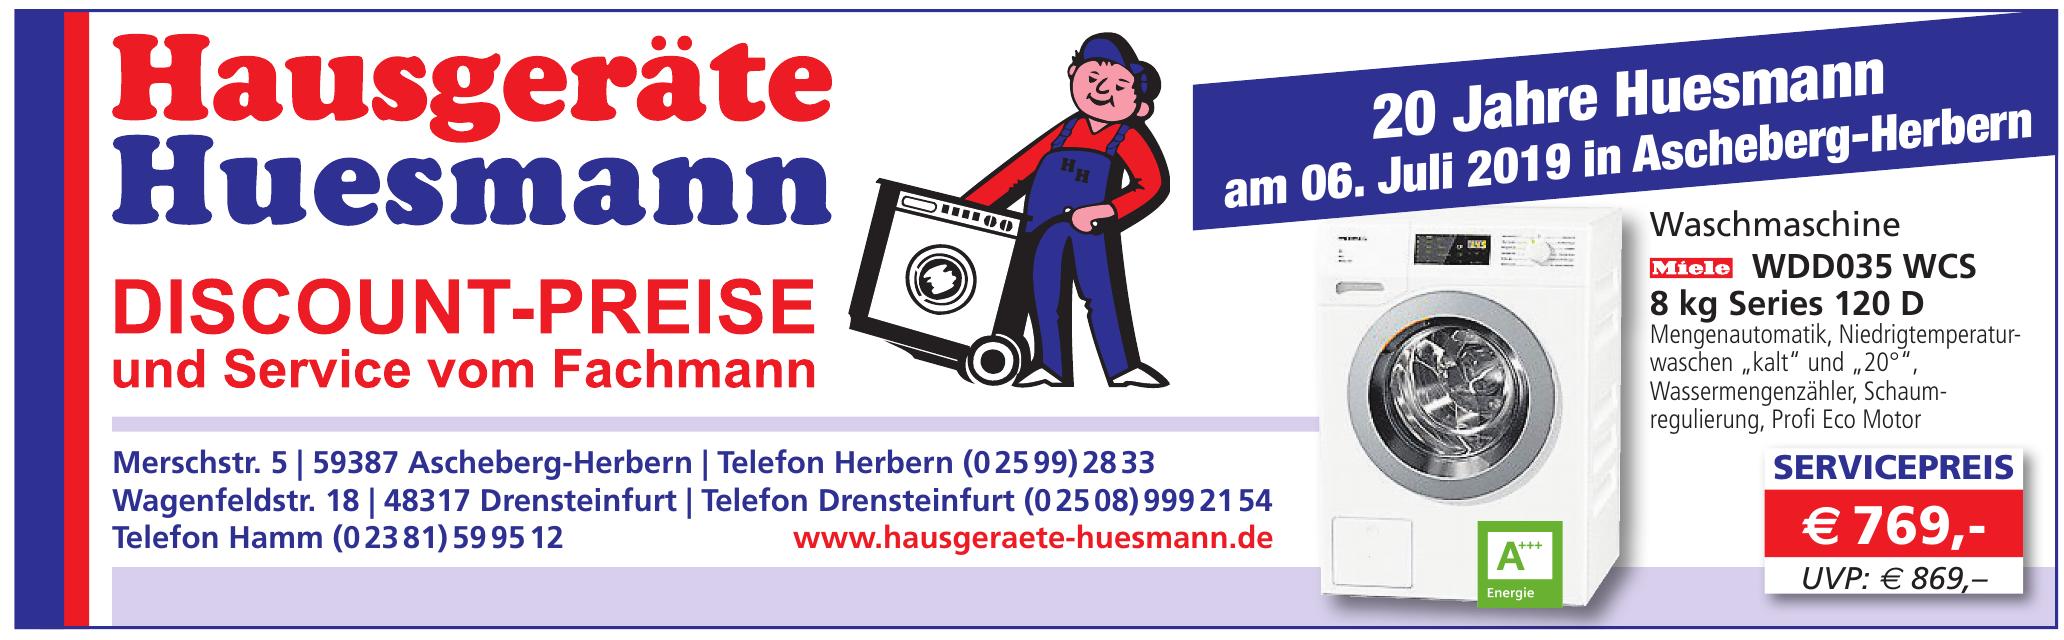 Hausgeräte Huesmann